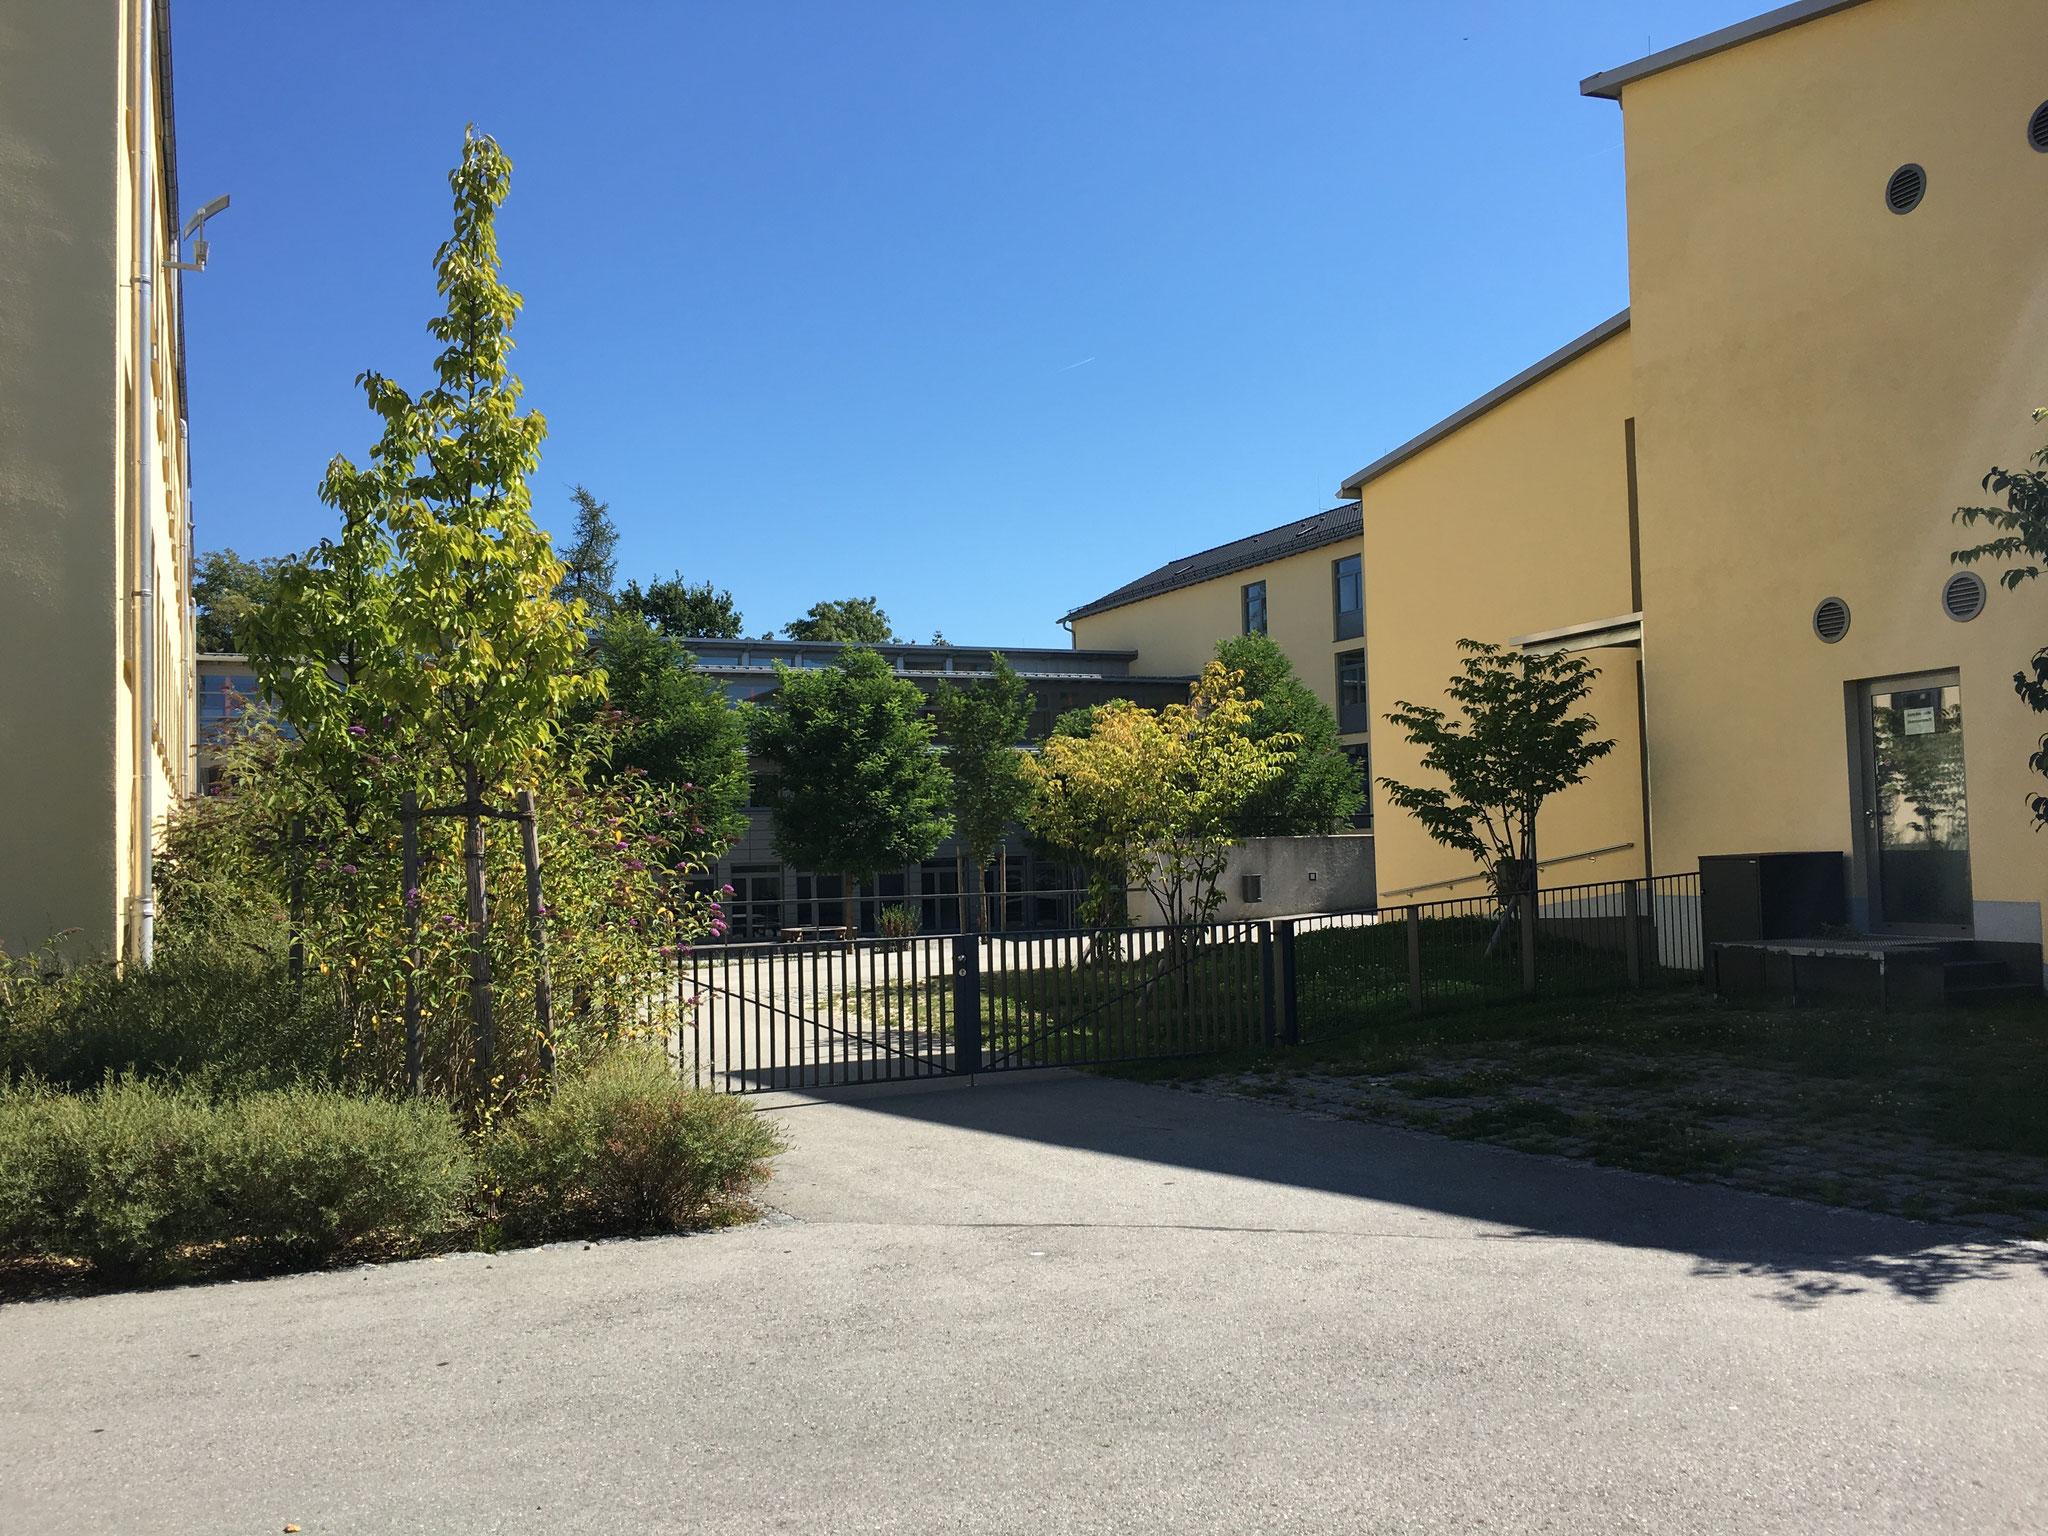 Umbau und Sanierung Volksschule, Altdorf 2011/2012